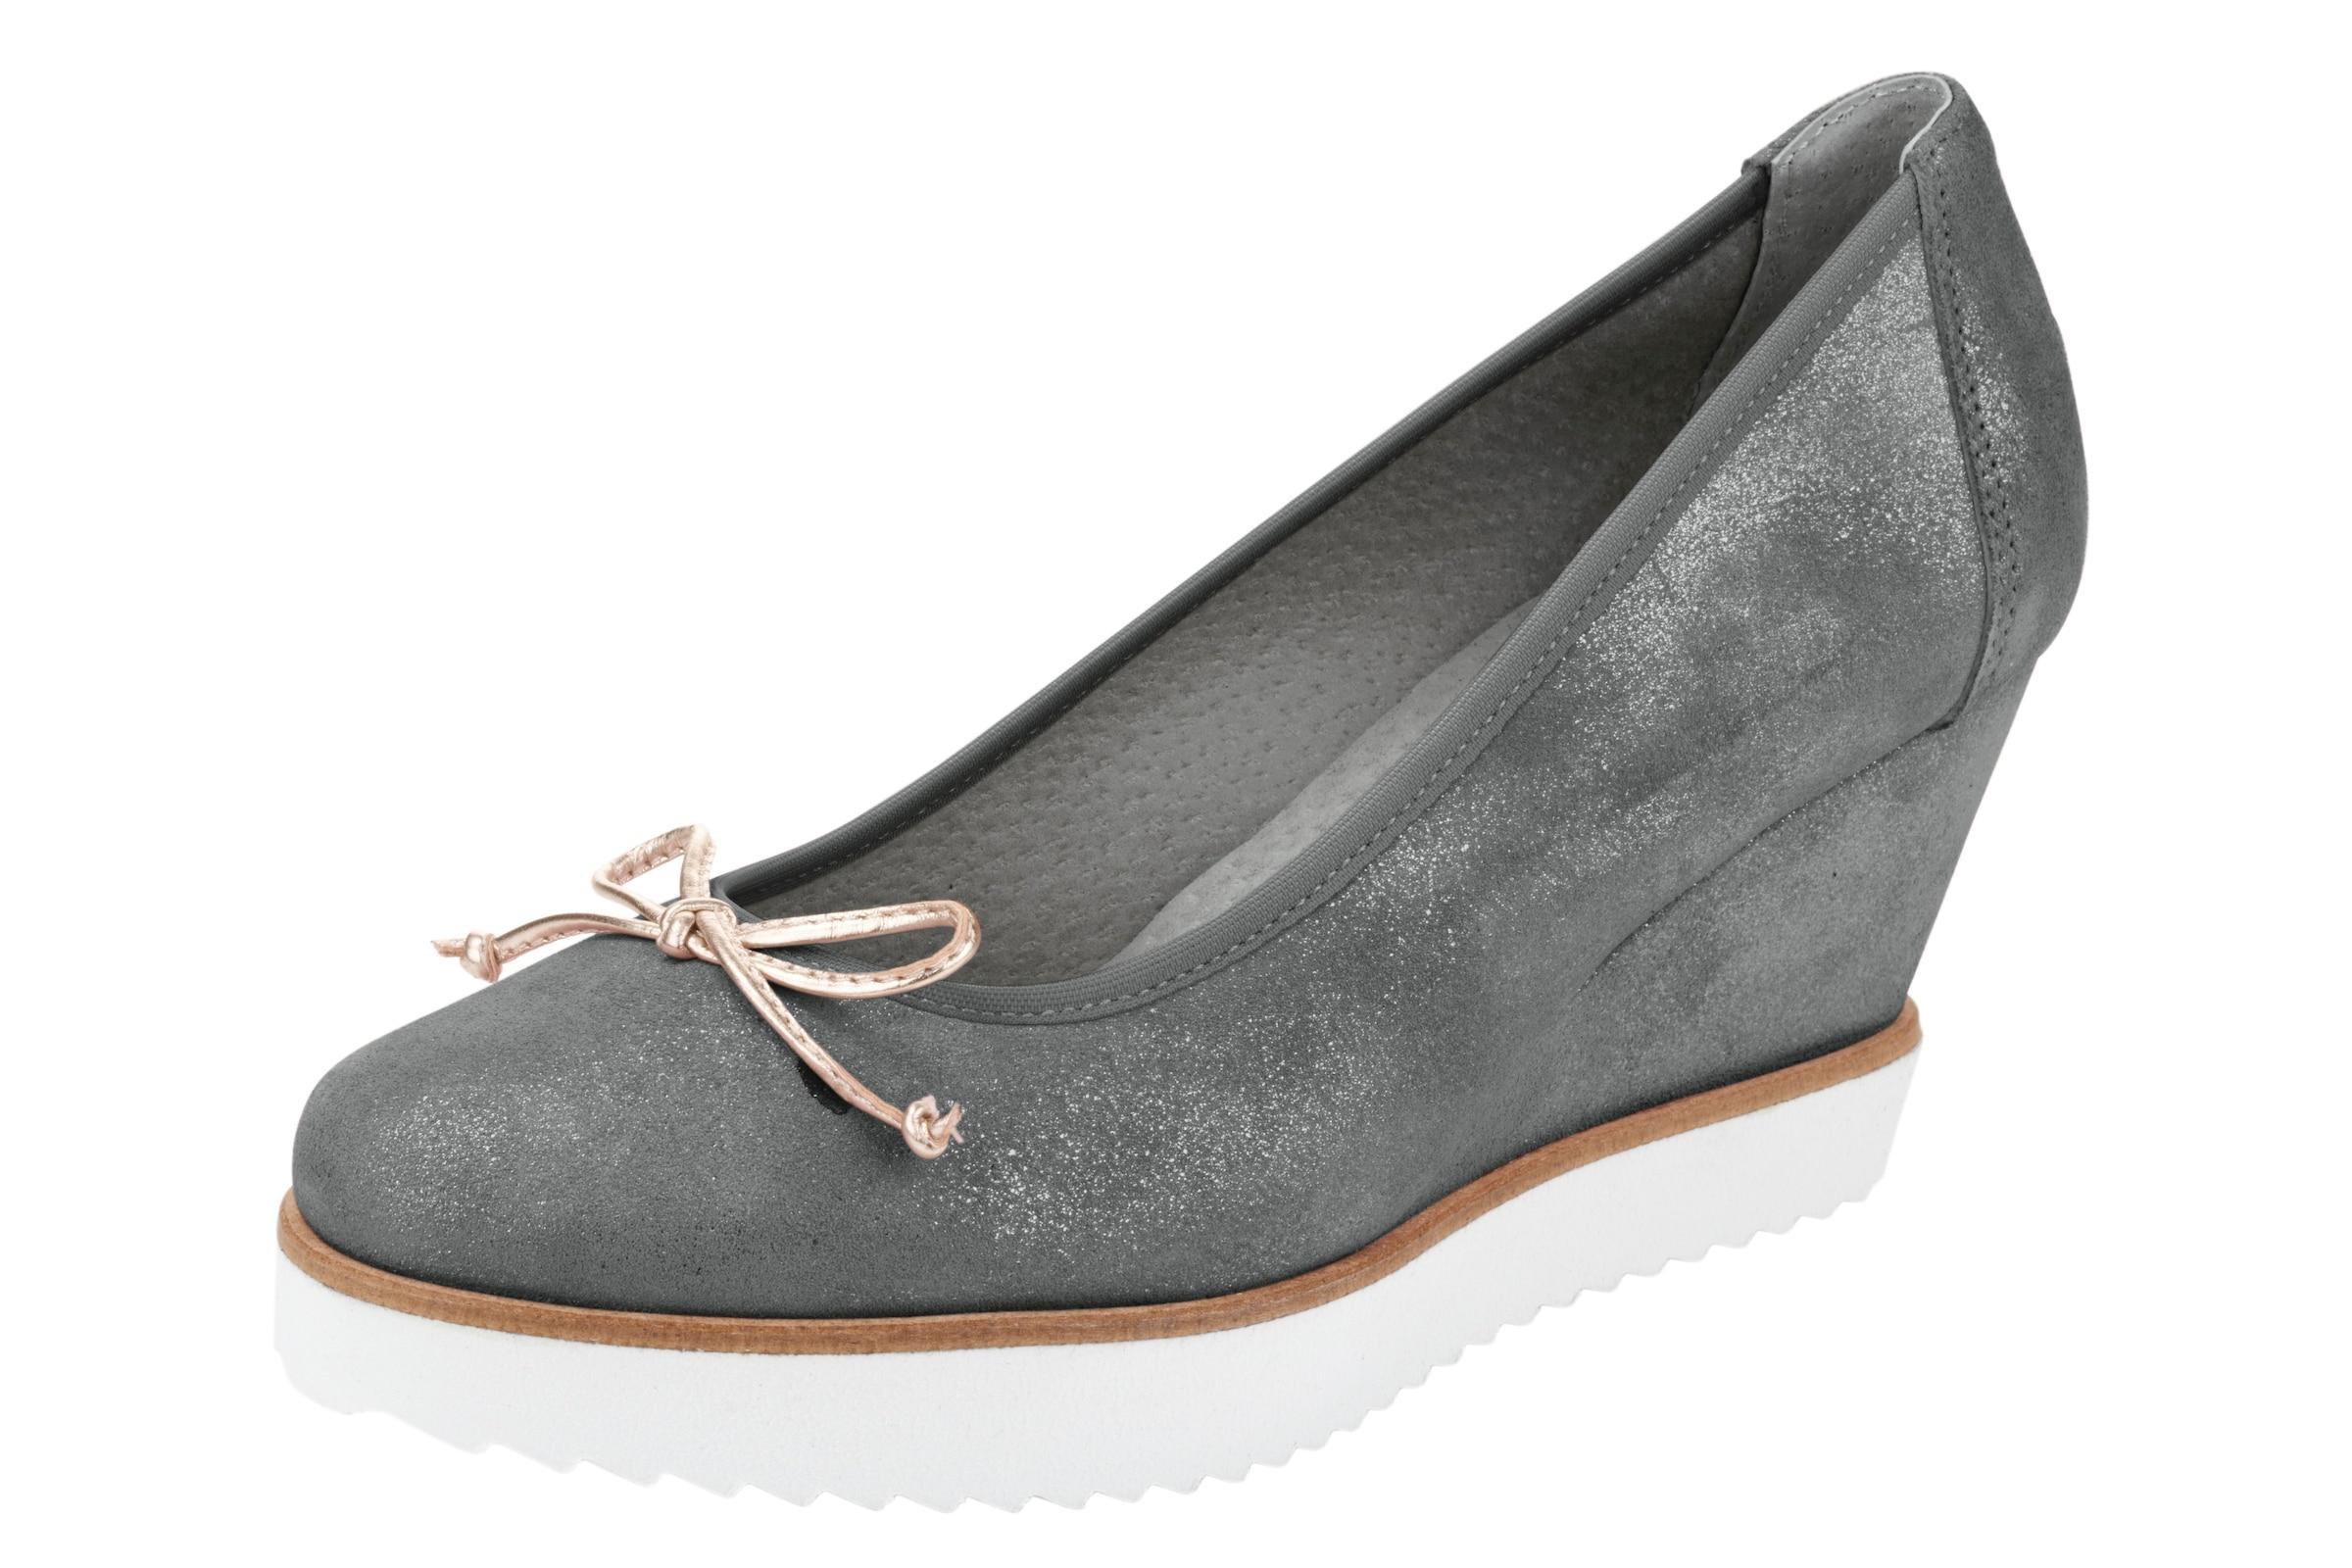 heine Keilpumps Verschleißfeste billige Schuhe Hohe Qualität